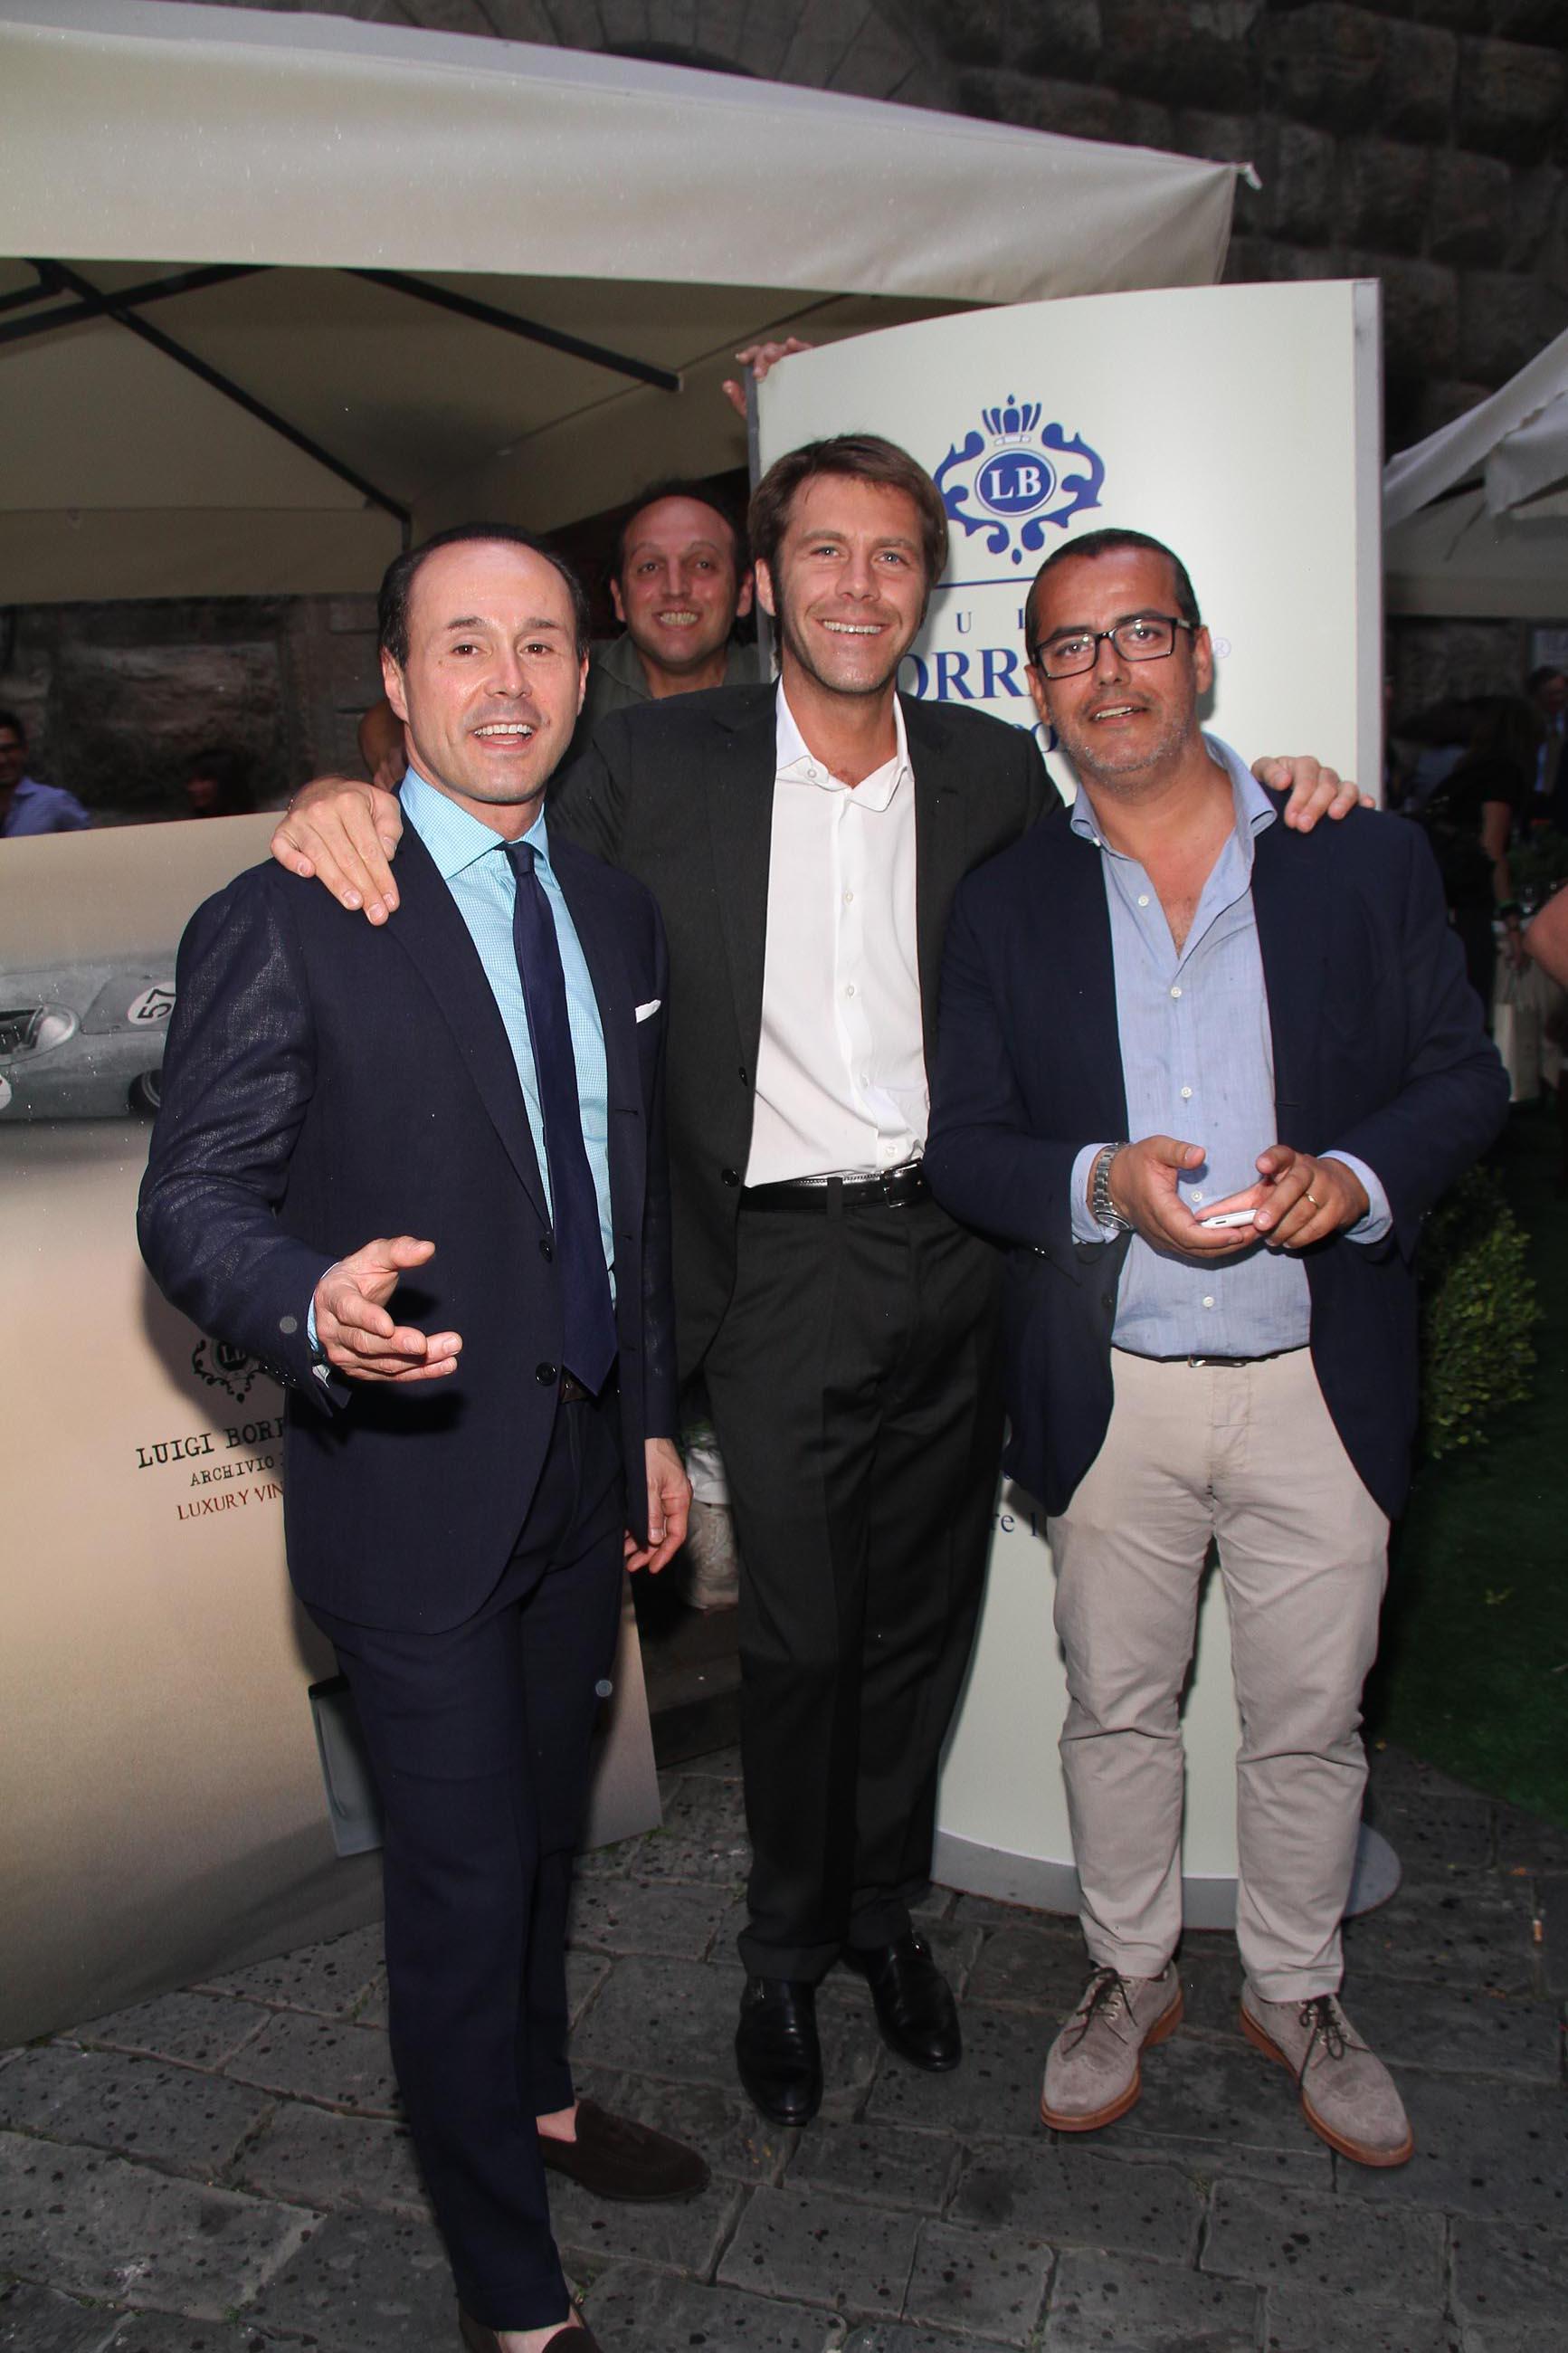 PRESSPHOTO Firenze, Evento Milord Aston Martin. Nella foto Emanuele Filiberto di Savoia con Fabio Borrelli a sx